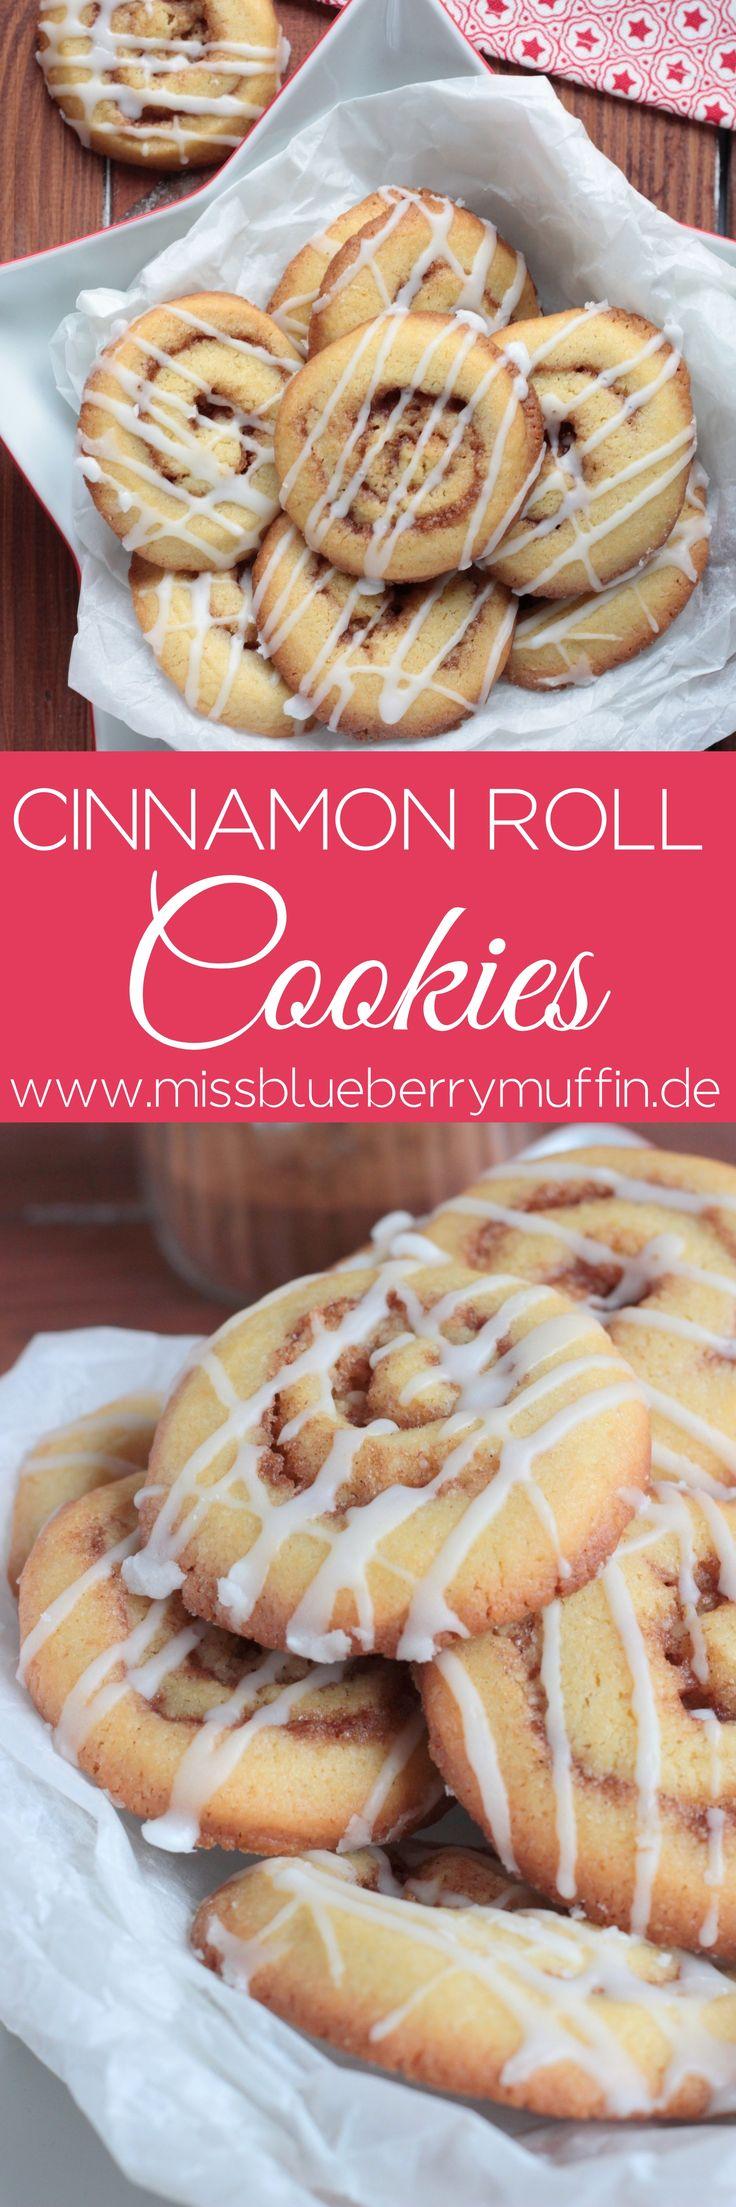 Zimtschnecken Kekse // Cinnamon Roll Cookies <3